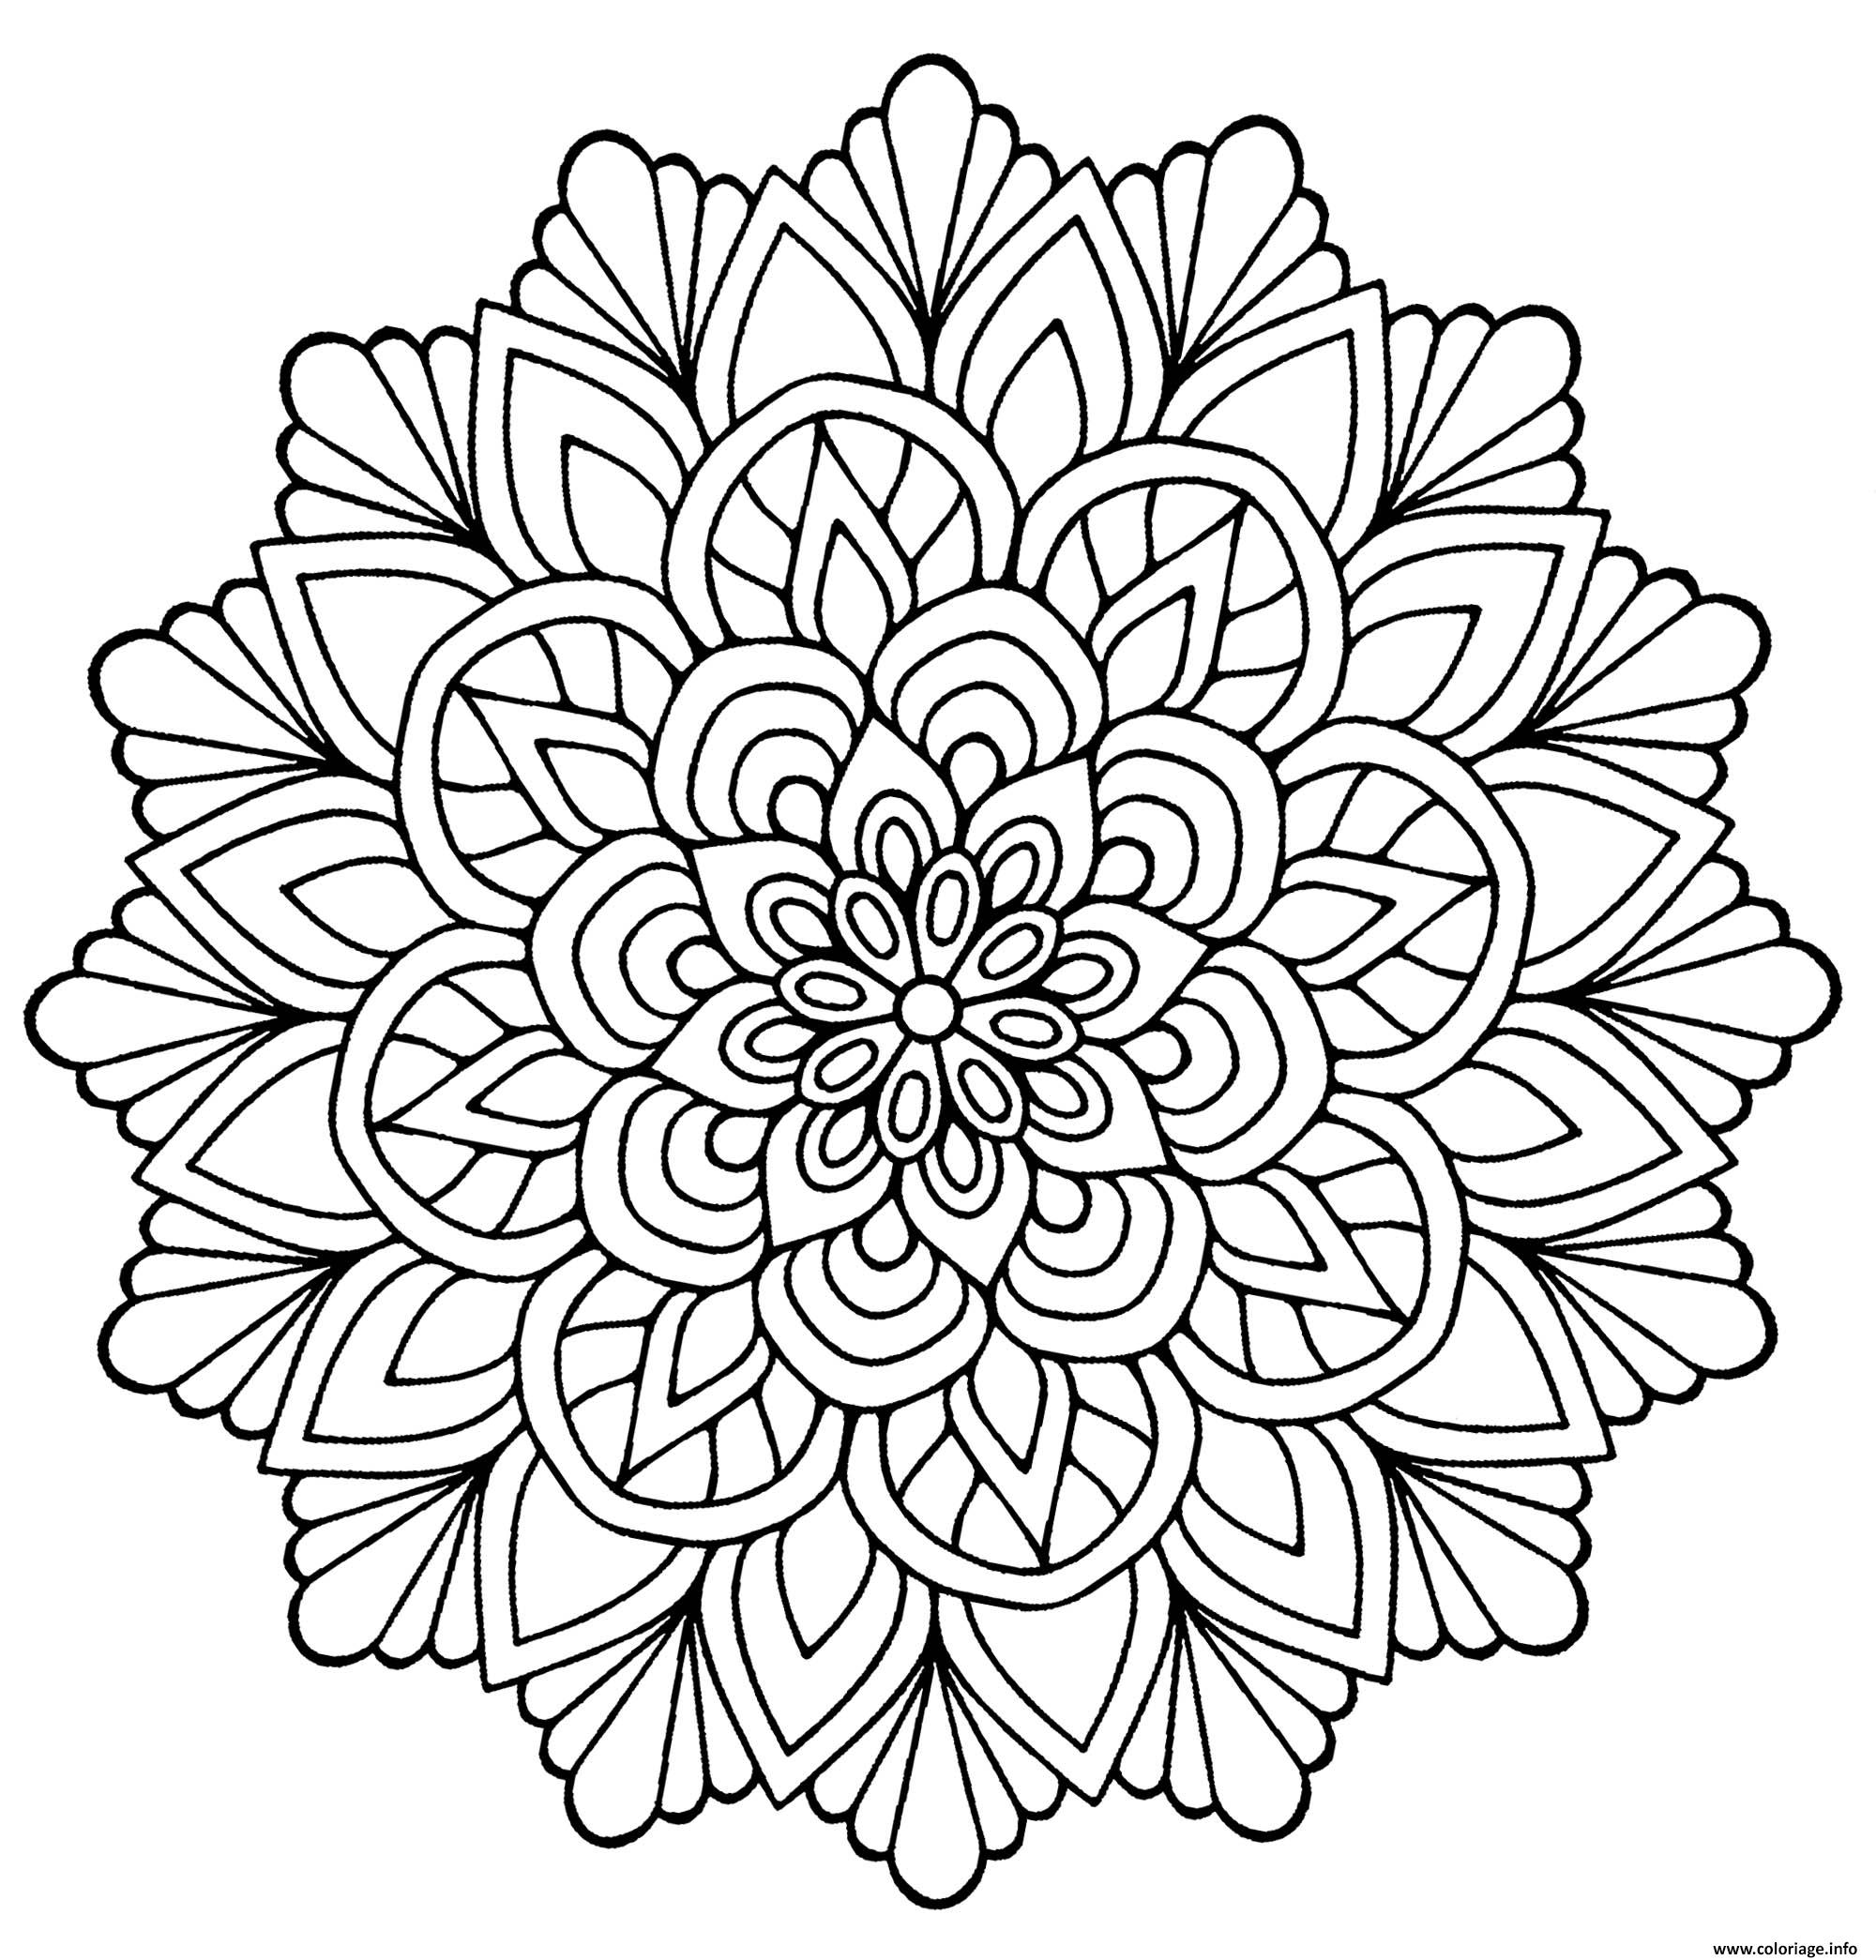 Coloriage mandala fleur avec feuilles dessin - Coloriage fleur 8 petales ...